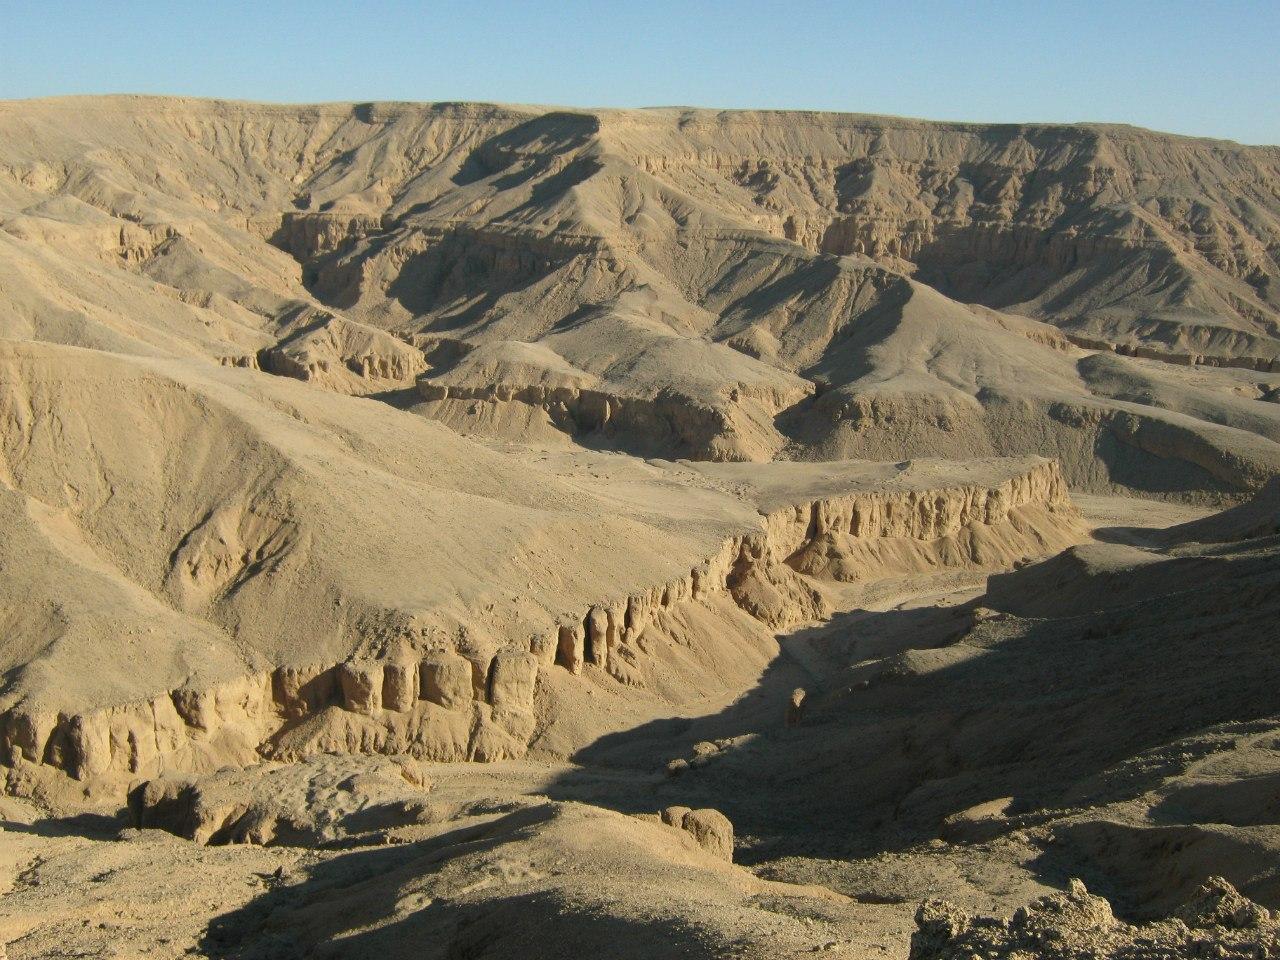 пустынная картина в Египте и в арабских стран